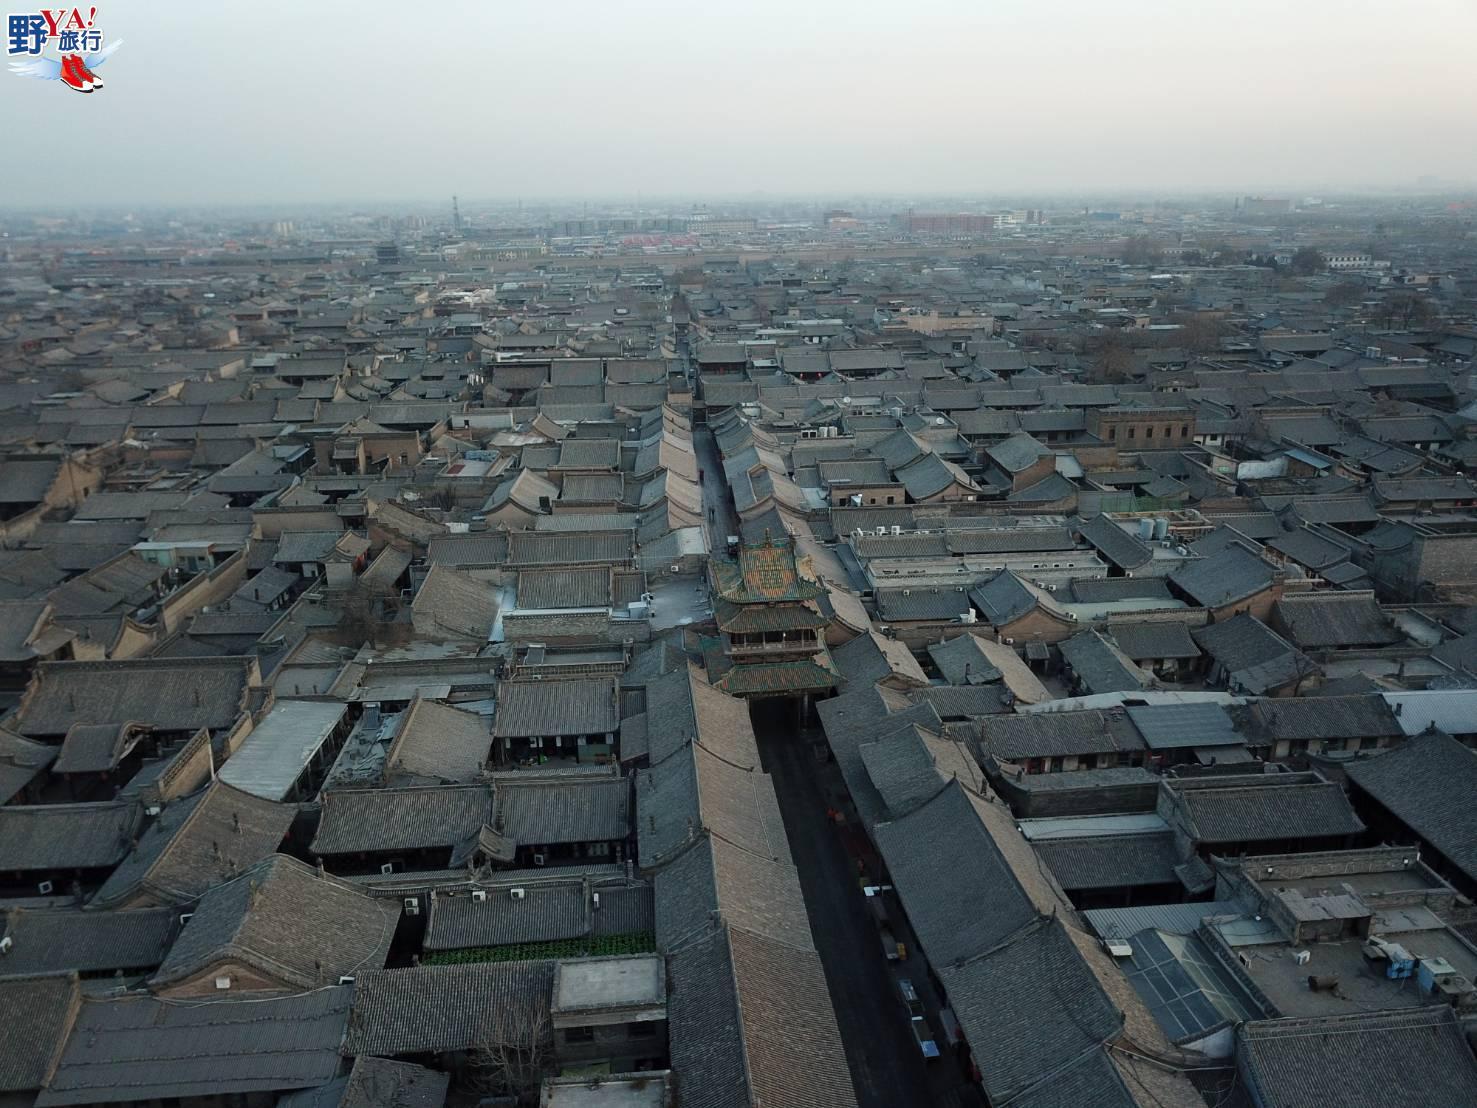 中國山西 走入中國華爾街平遙古城 旅讀日升昌票號傳奇 @YA 野旅行-旅行不需要理由